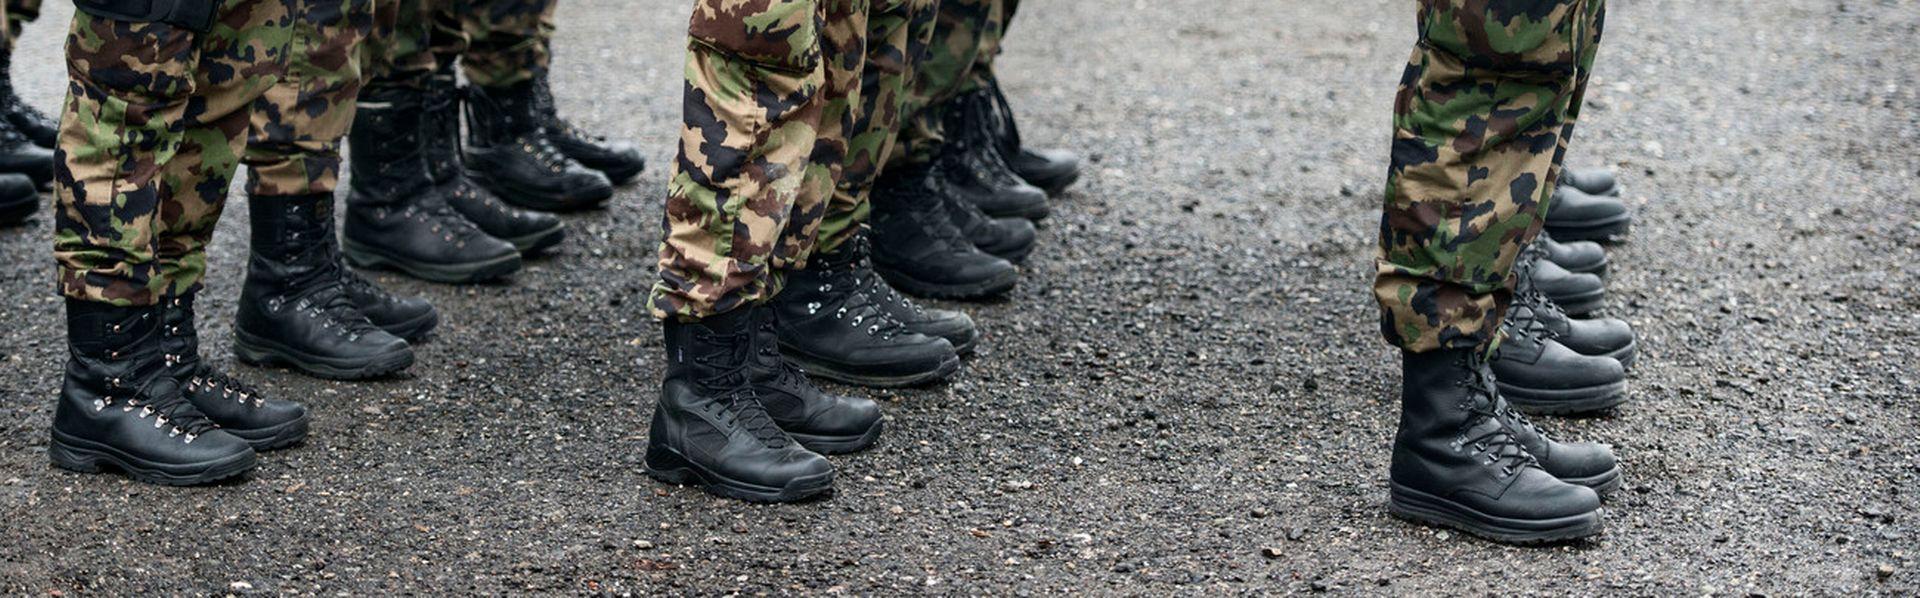 Le dossier sur l'armée suisse de RTS Découverte. Christian Beutler Keystone [Christian Beutler - Fotolia]